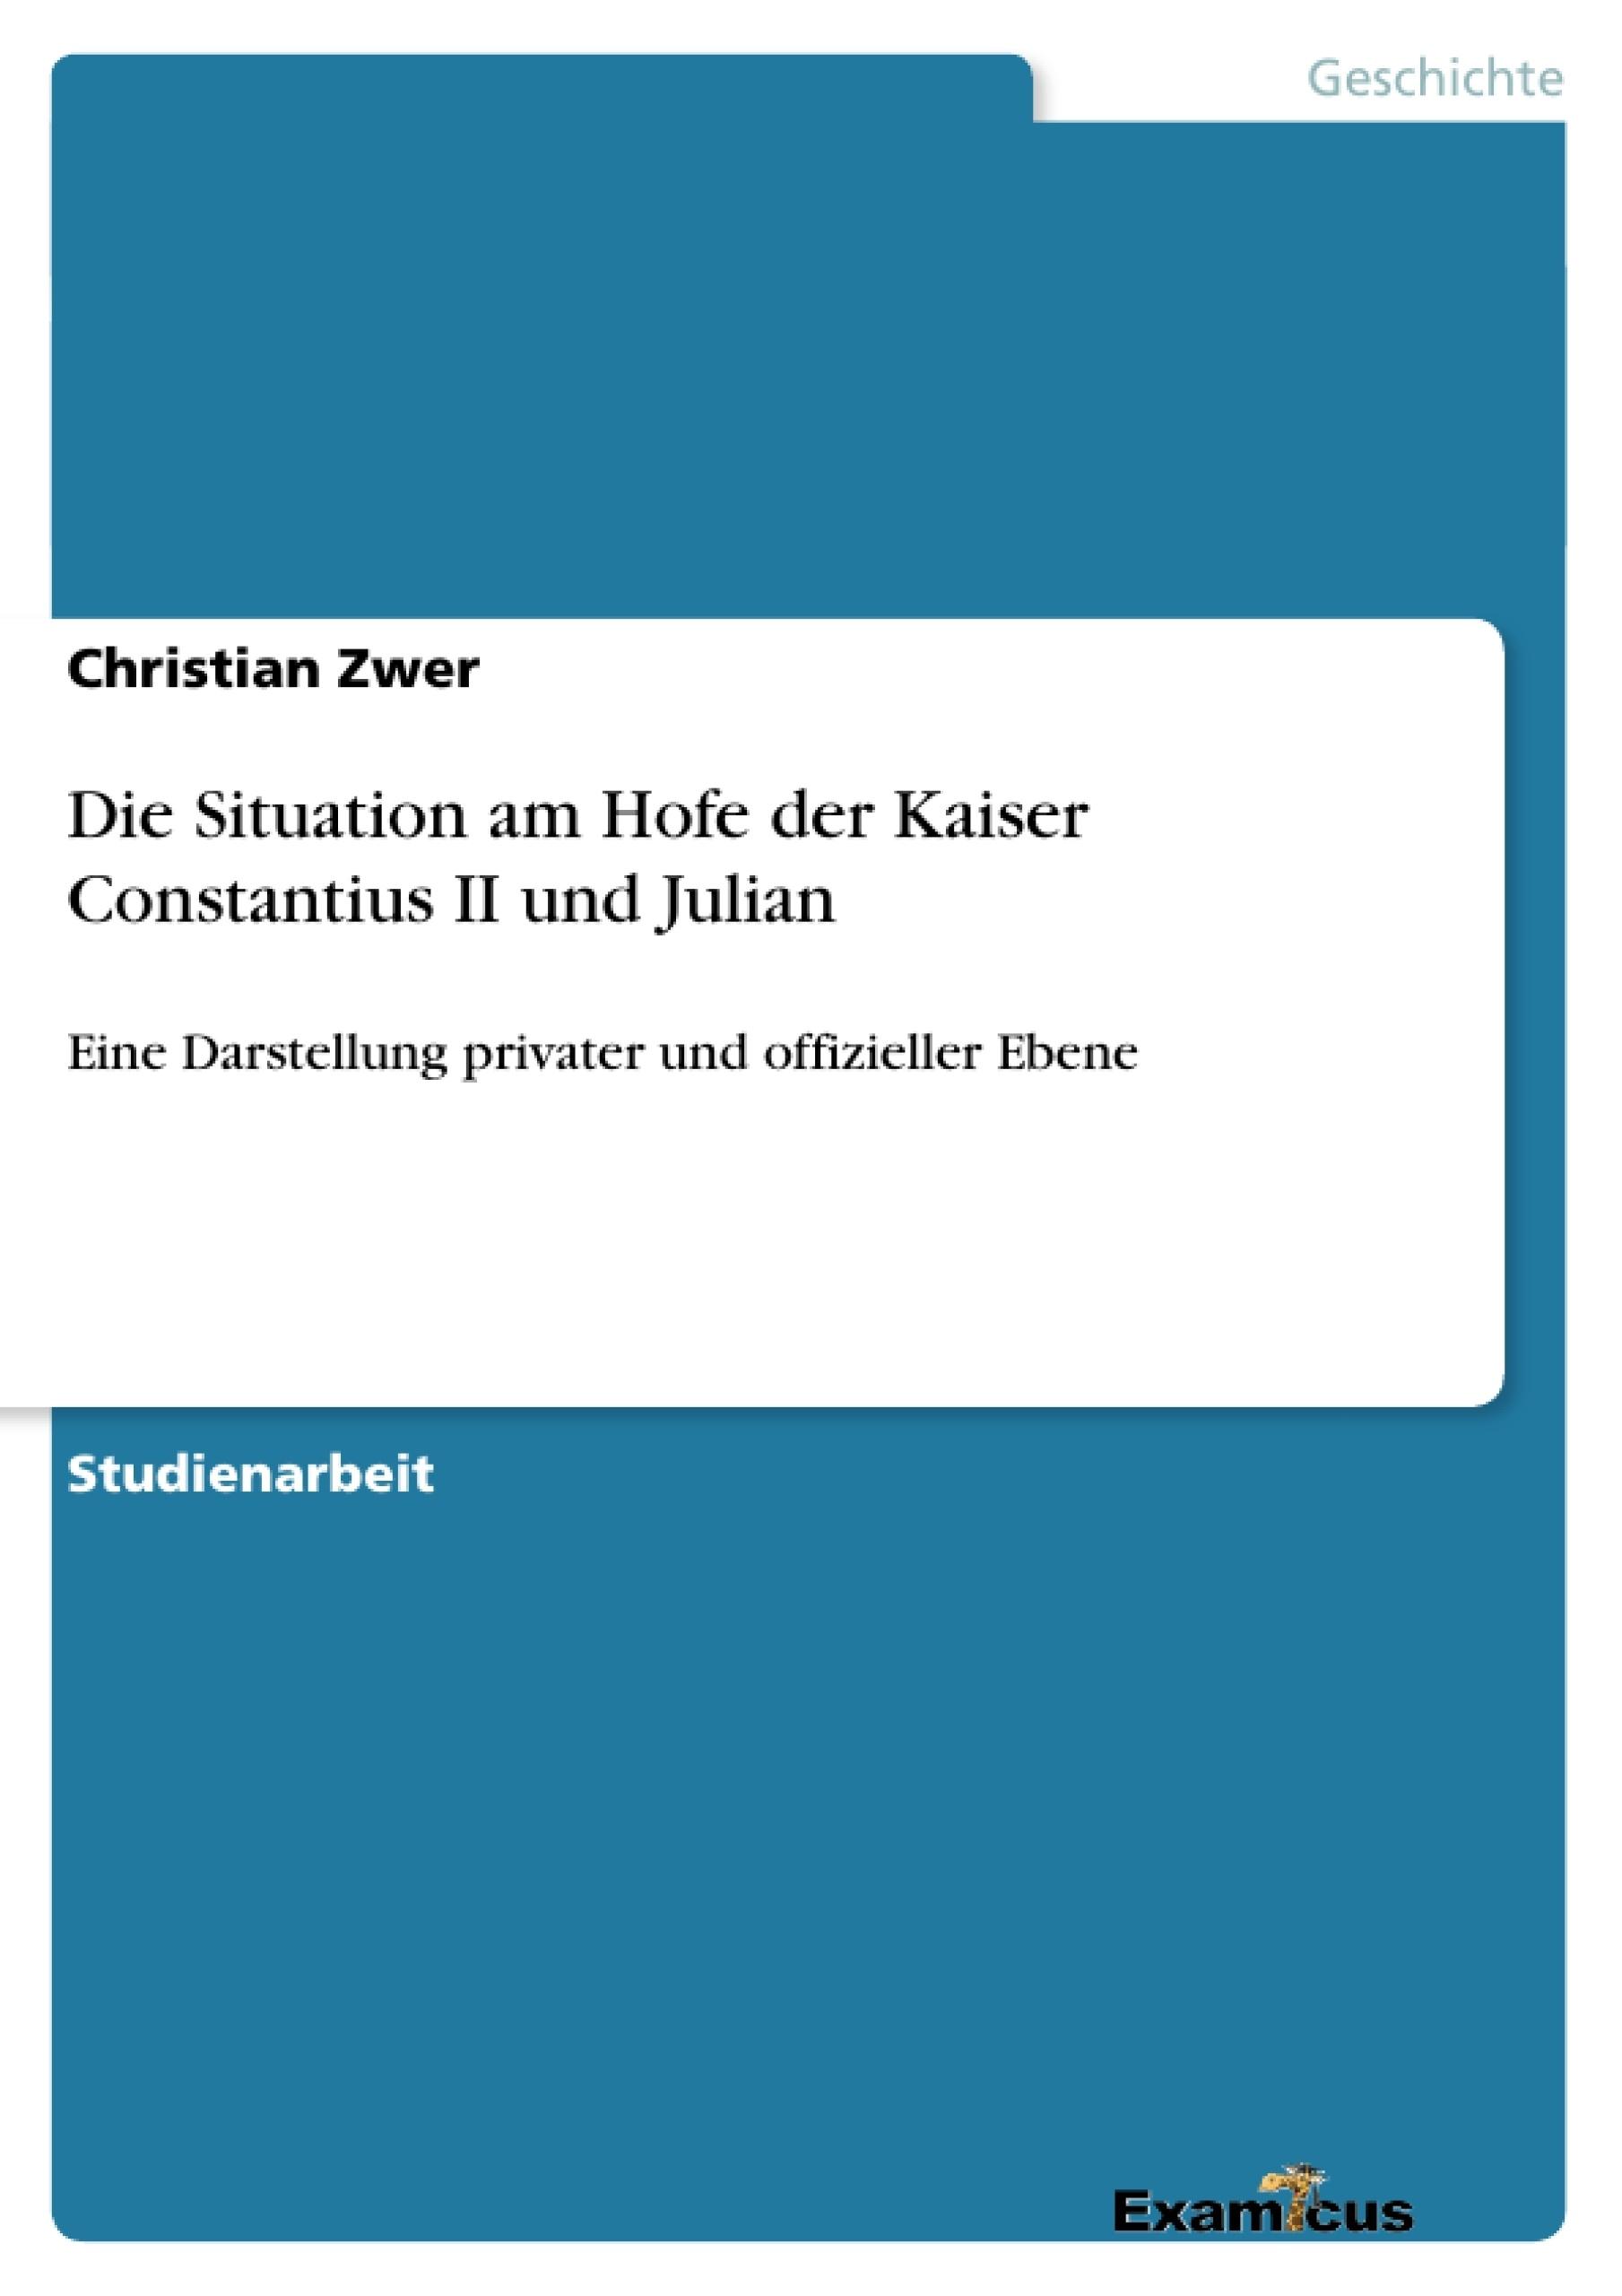 Titel: Die Situation am Hofe der Kaiser Constantius II und Julian